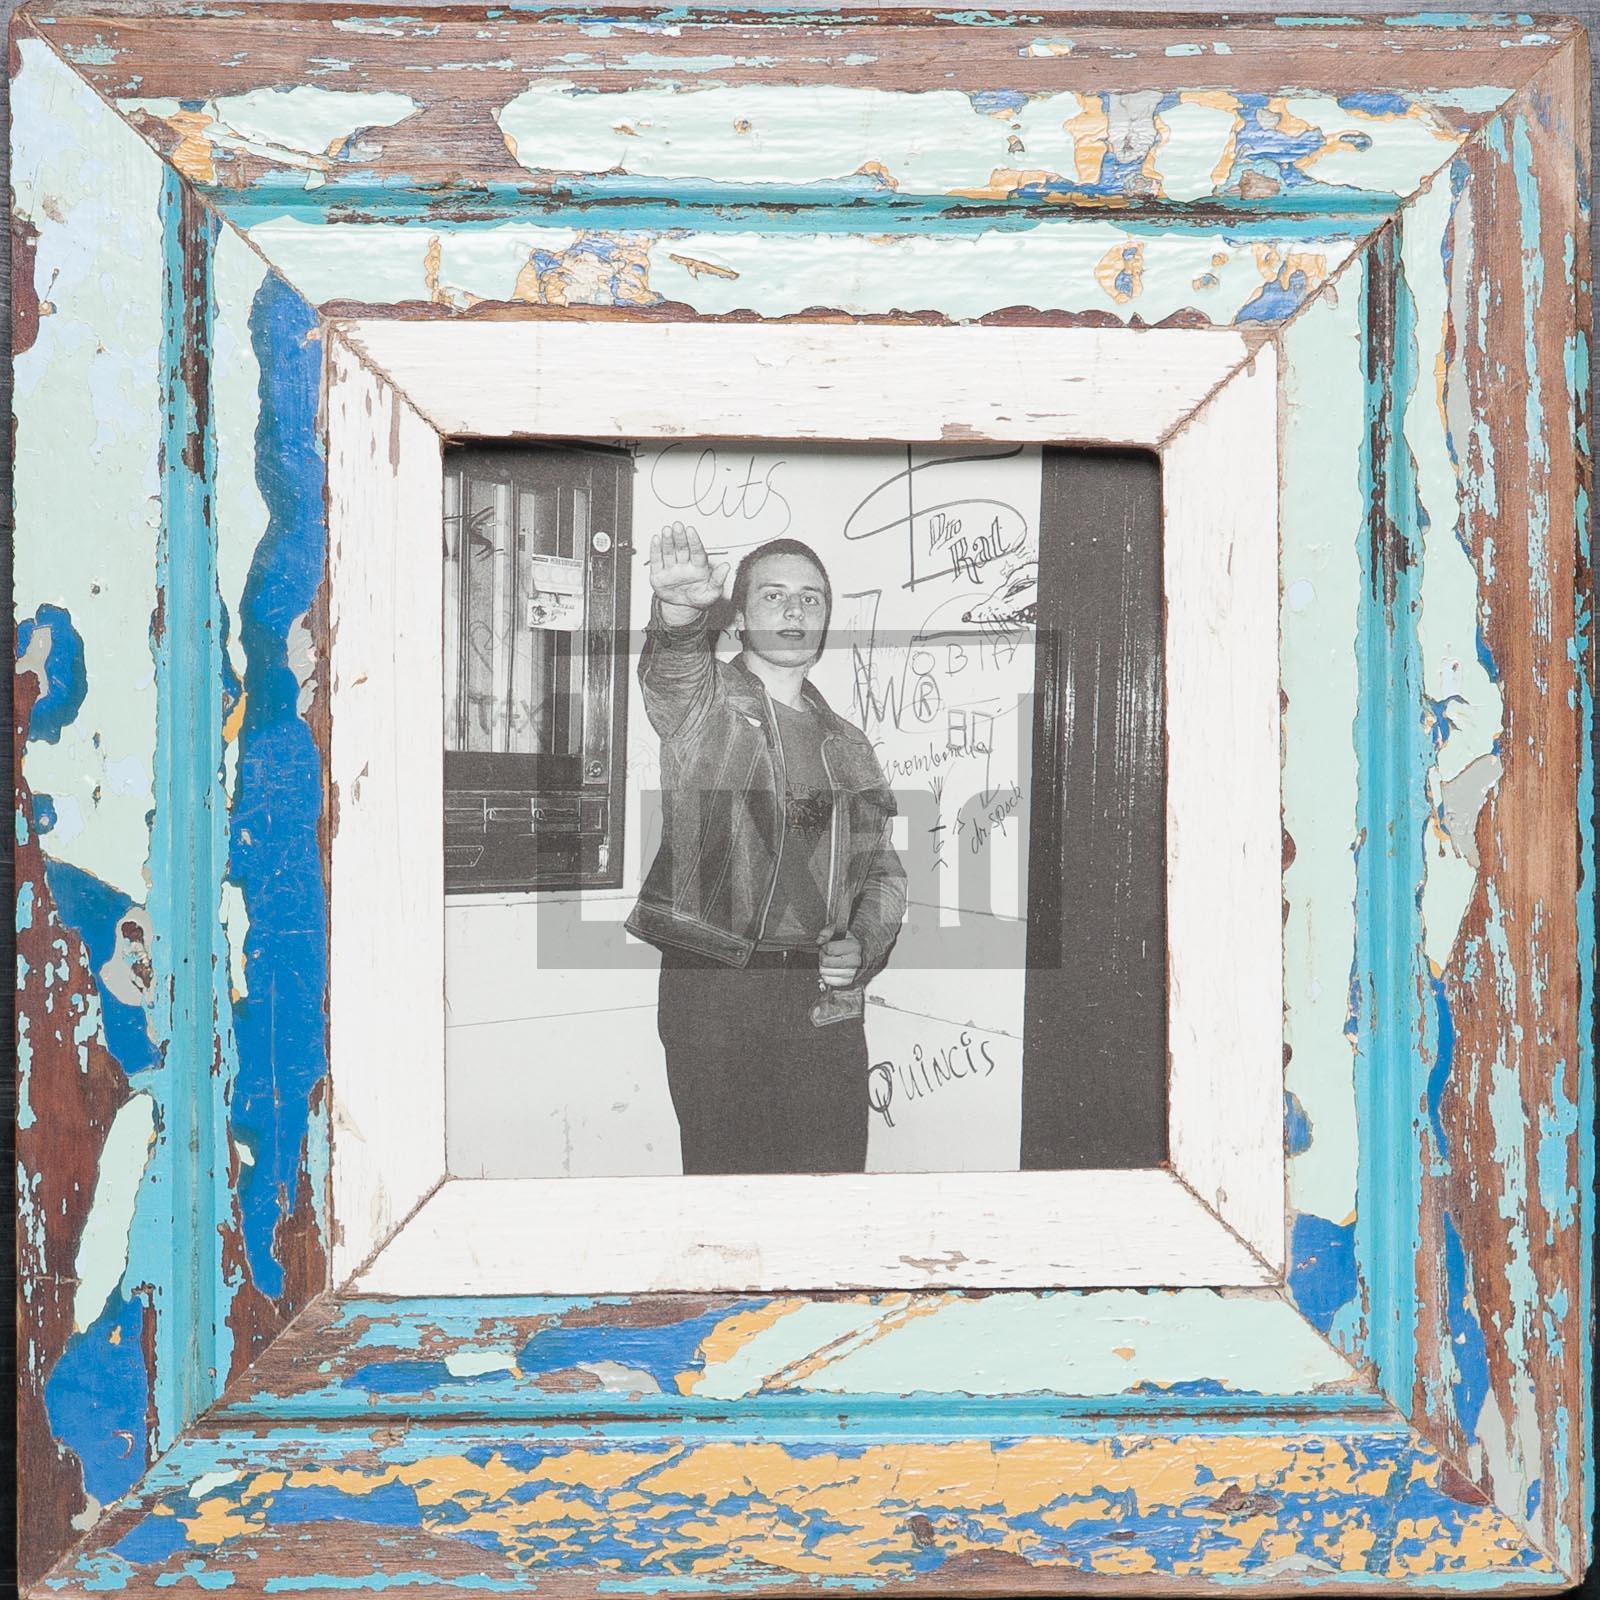 Quadratischer Altholz-Bilderrahmen von der Luna Design Company